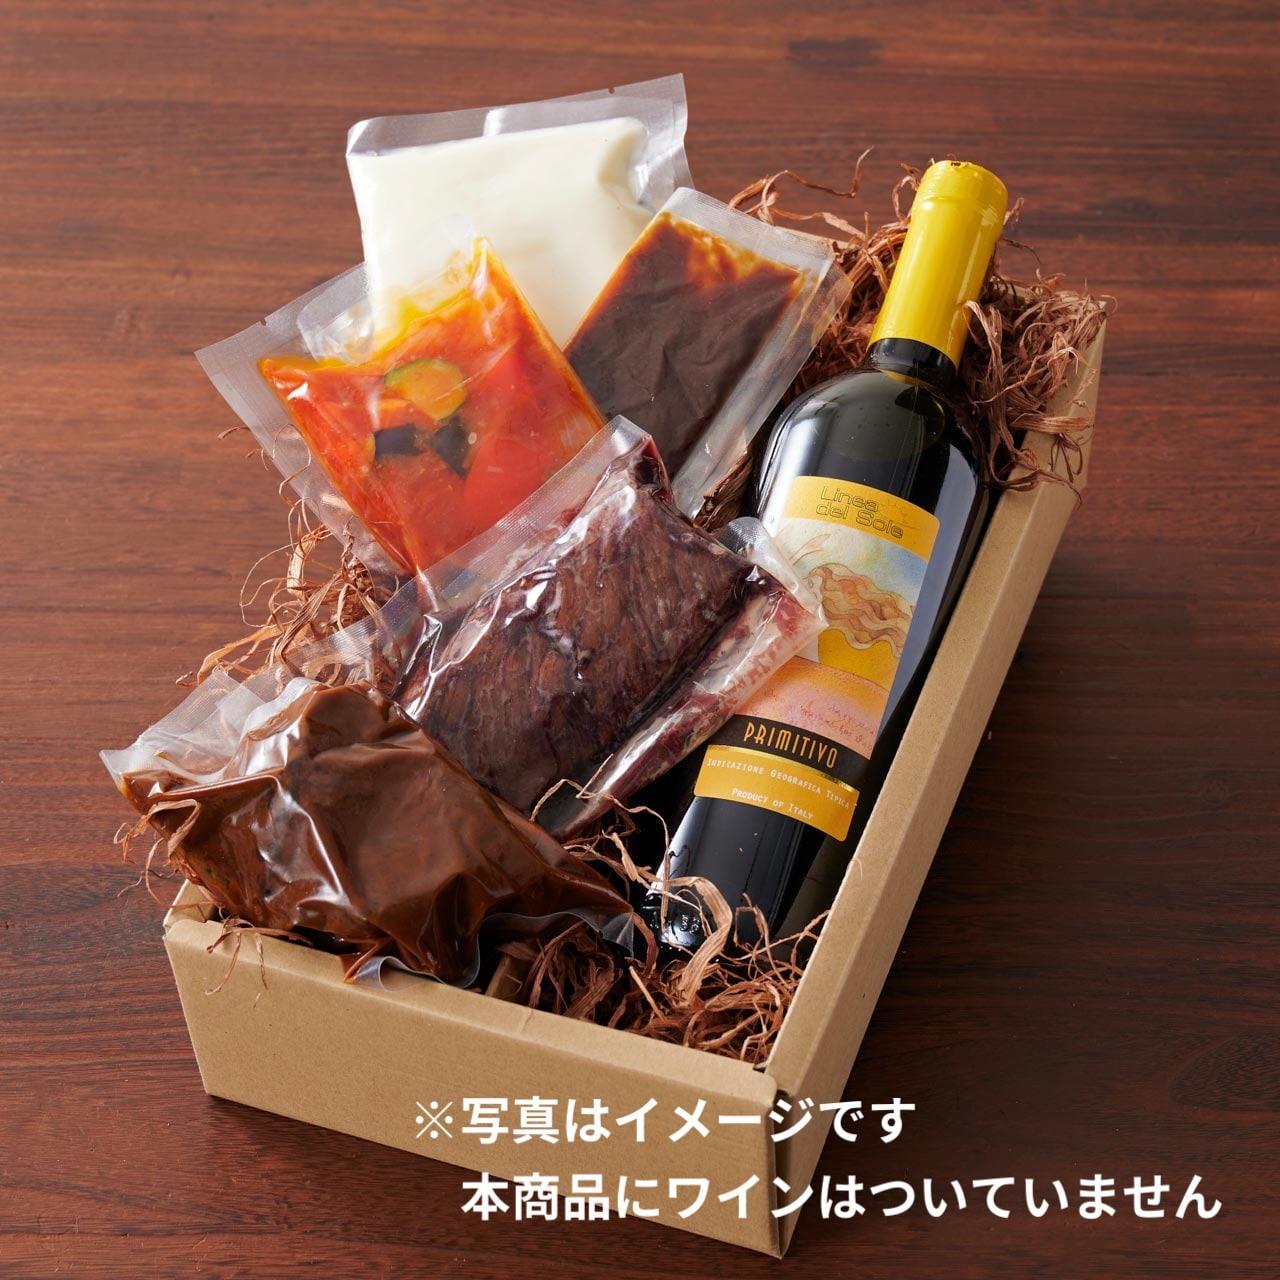 「ワイン倶楽部」の赤ワインを楽しむ肉料理セット